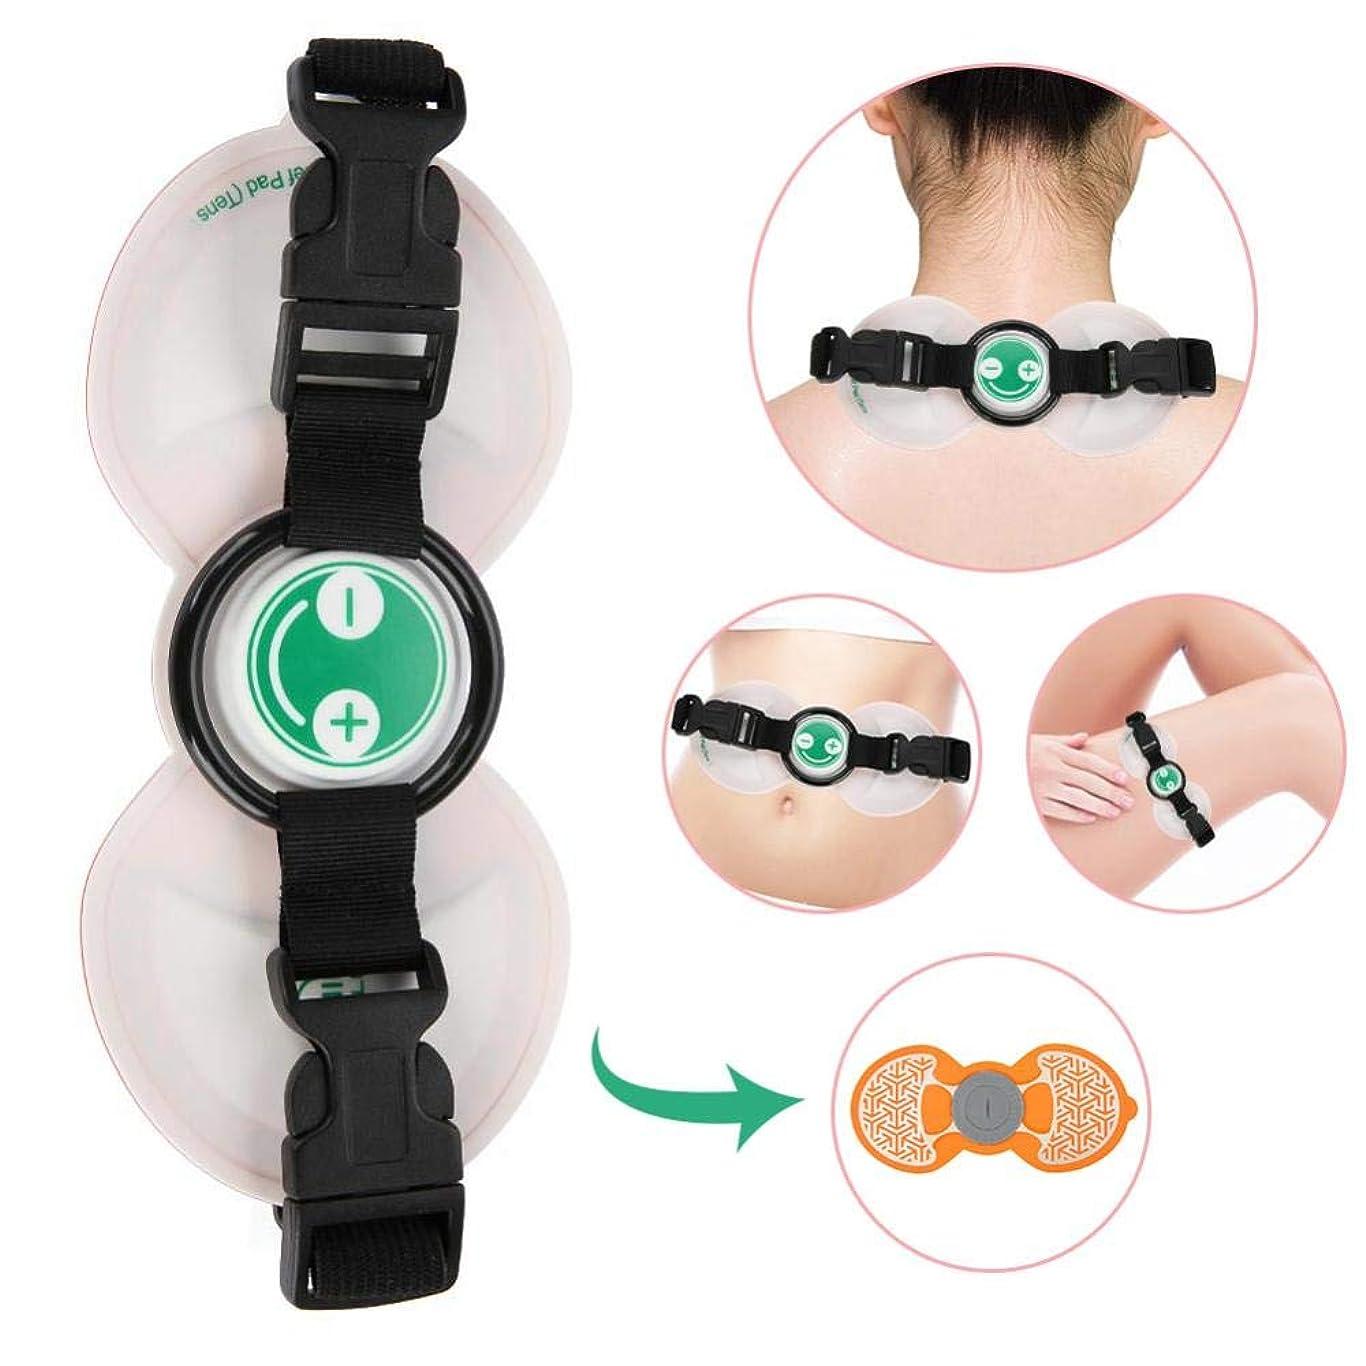 混雑形皮肉なミニマッサージ、多機能EMSコードレス電動マッサージ、筋肉痛緩和、ネックアームマッサージ